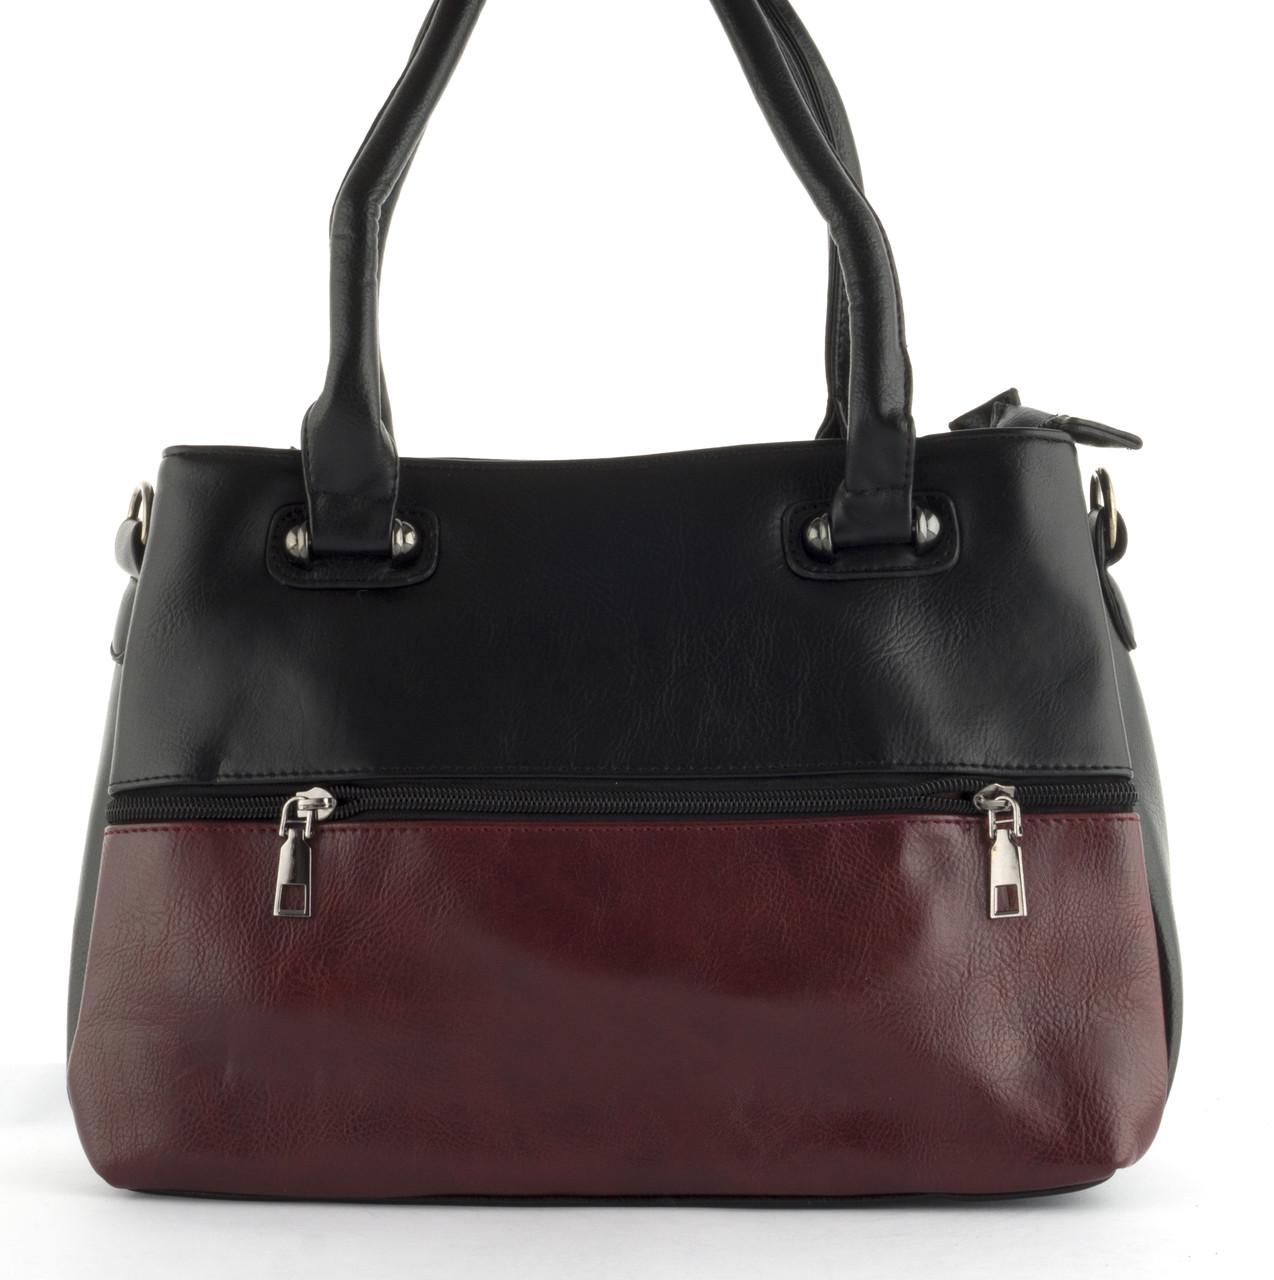 Недорогая качественная вместительная женская сумка P&W art. 55133 черная/красная